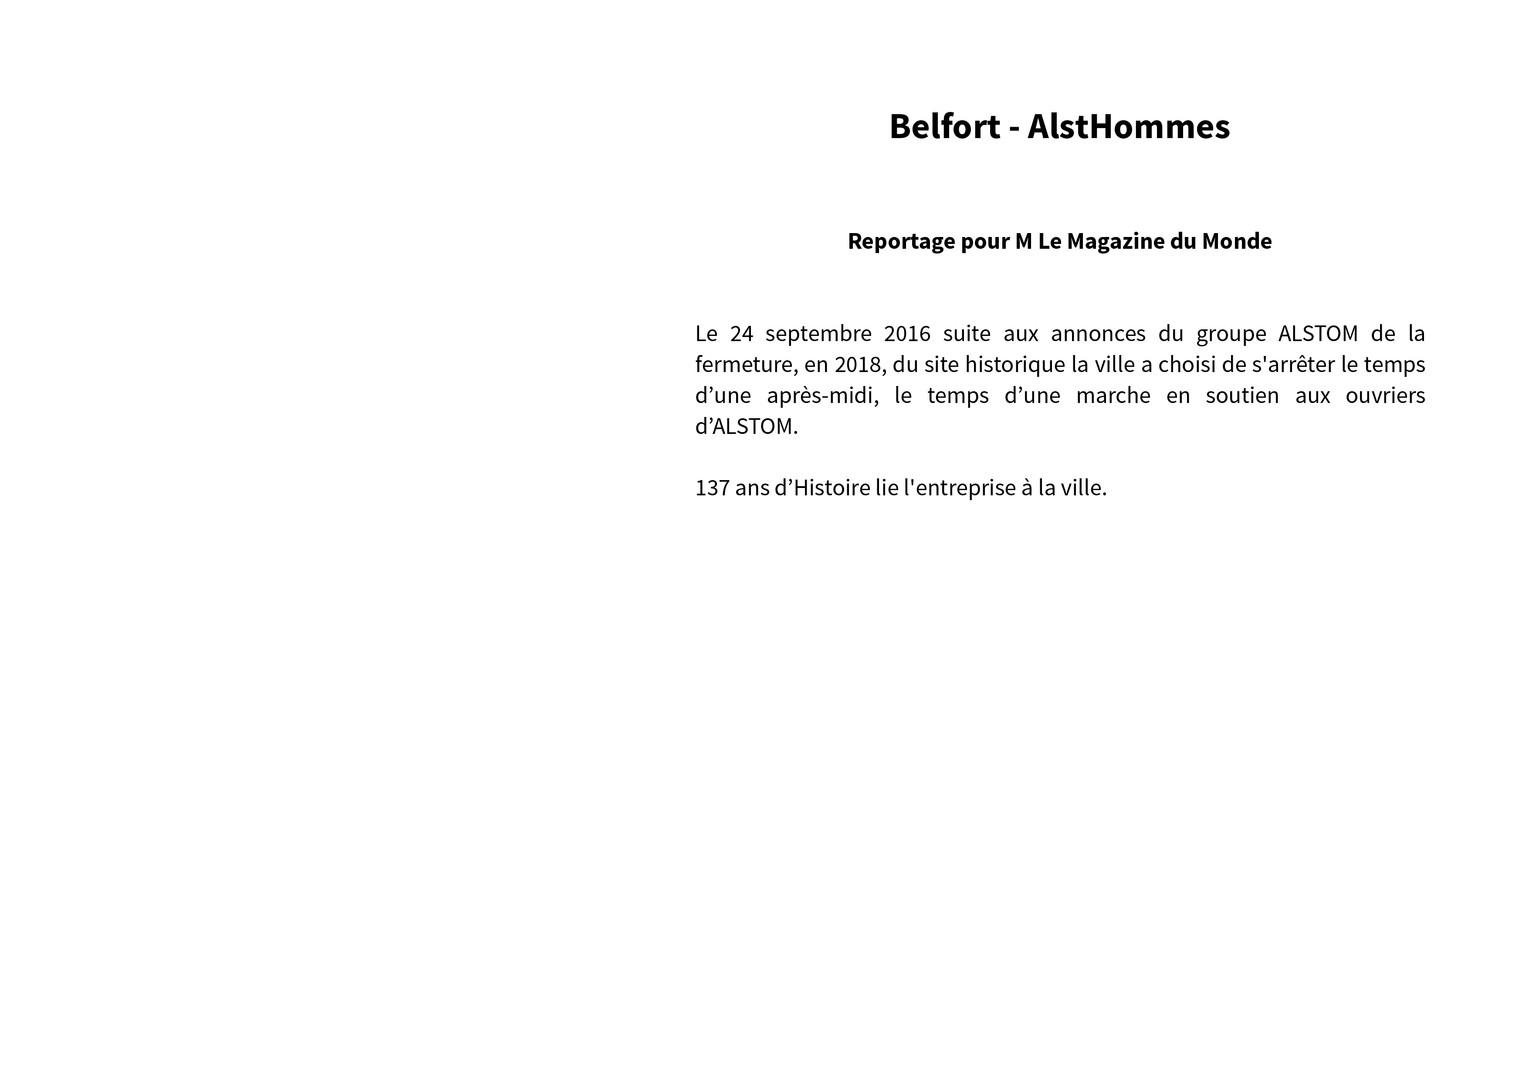 Texte Belfort.jpg